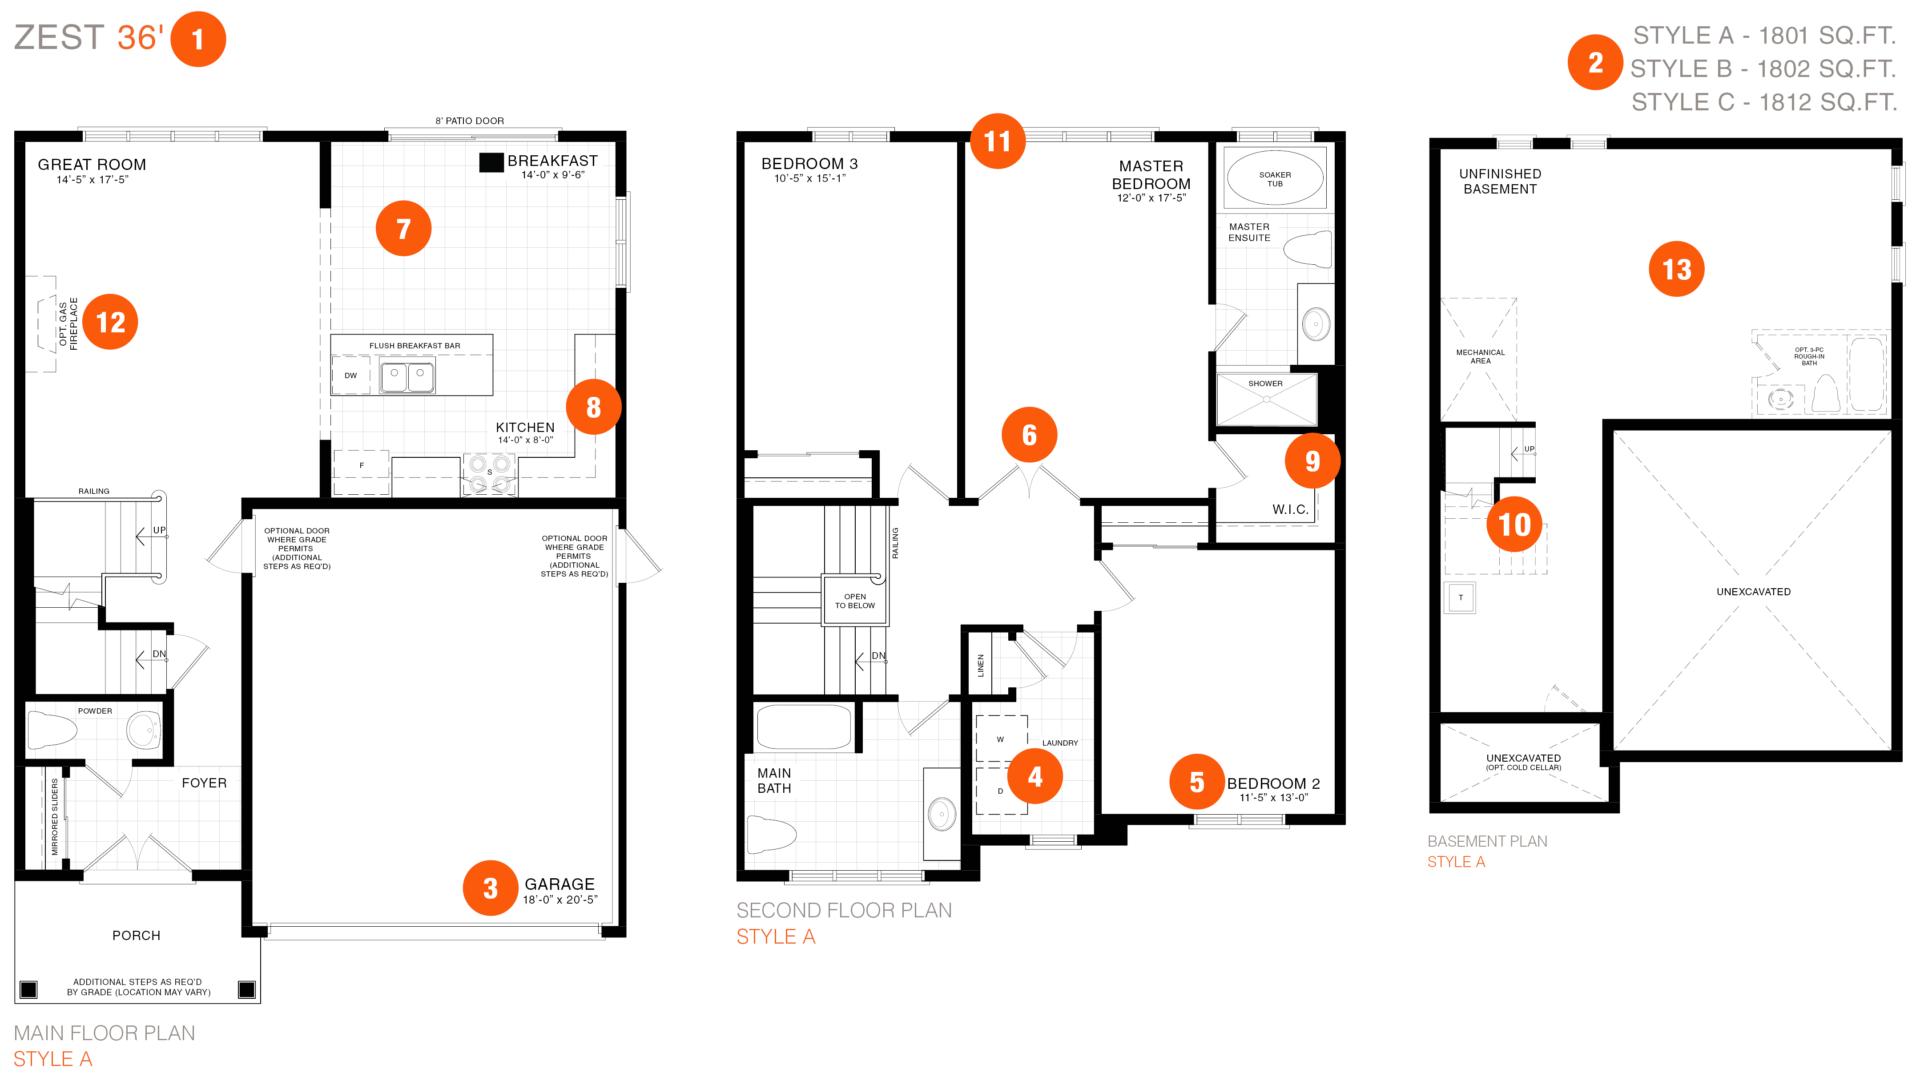 How to Read Your Home's Floor Planimage_block-block_5ec84a422ddef